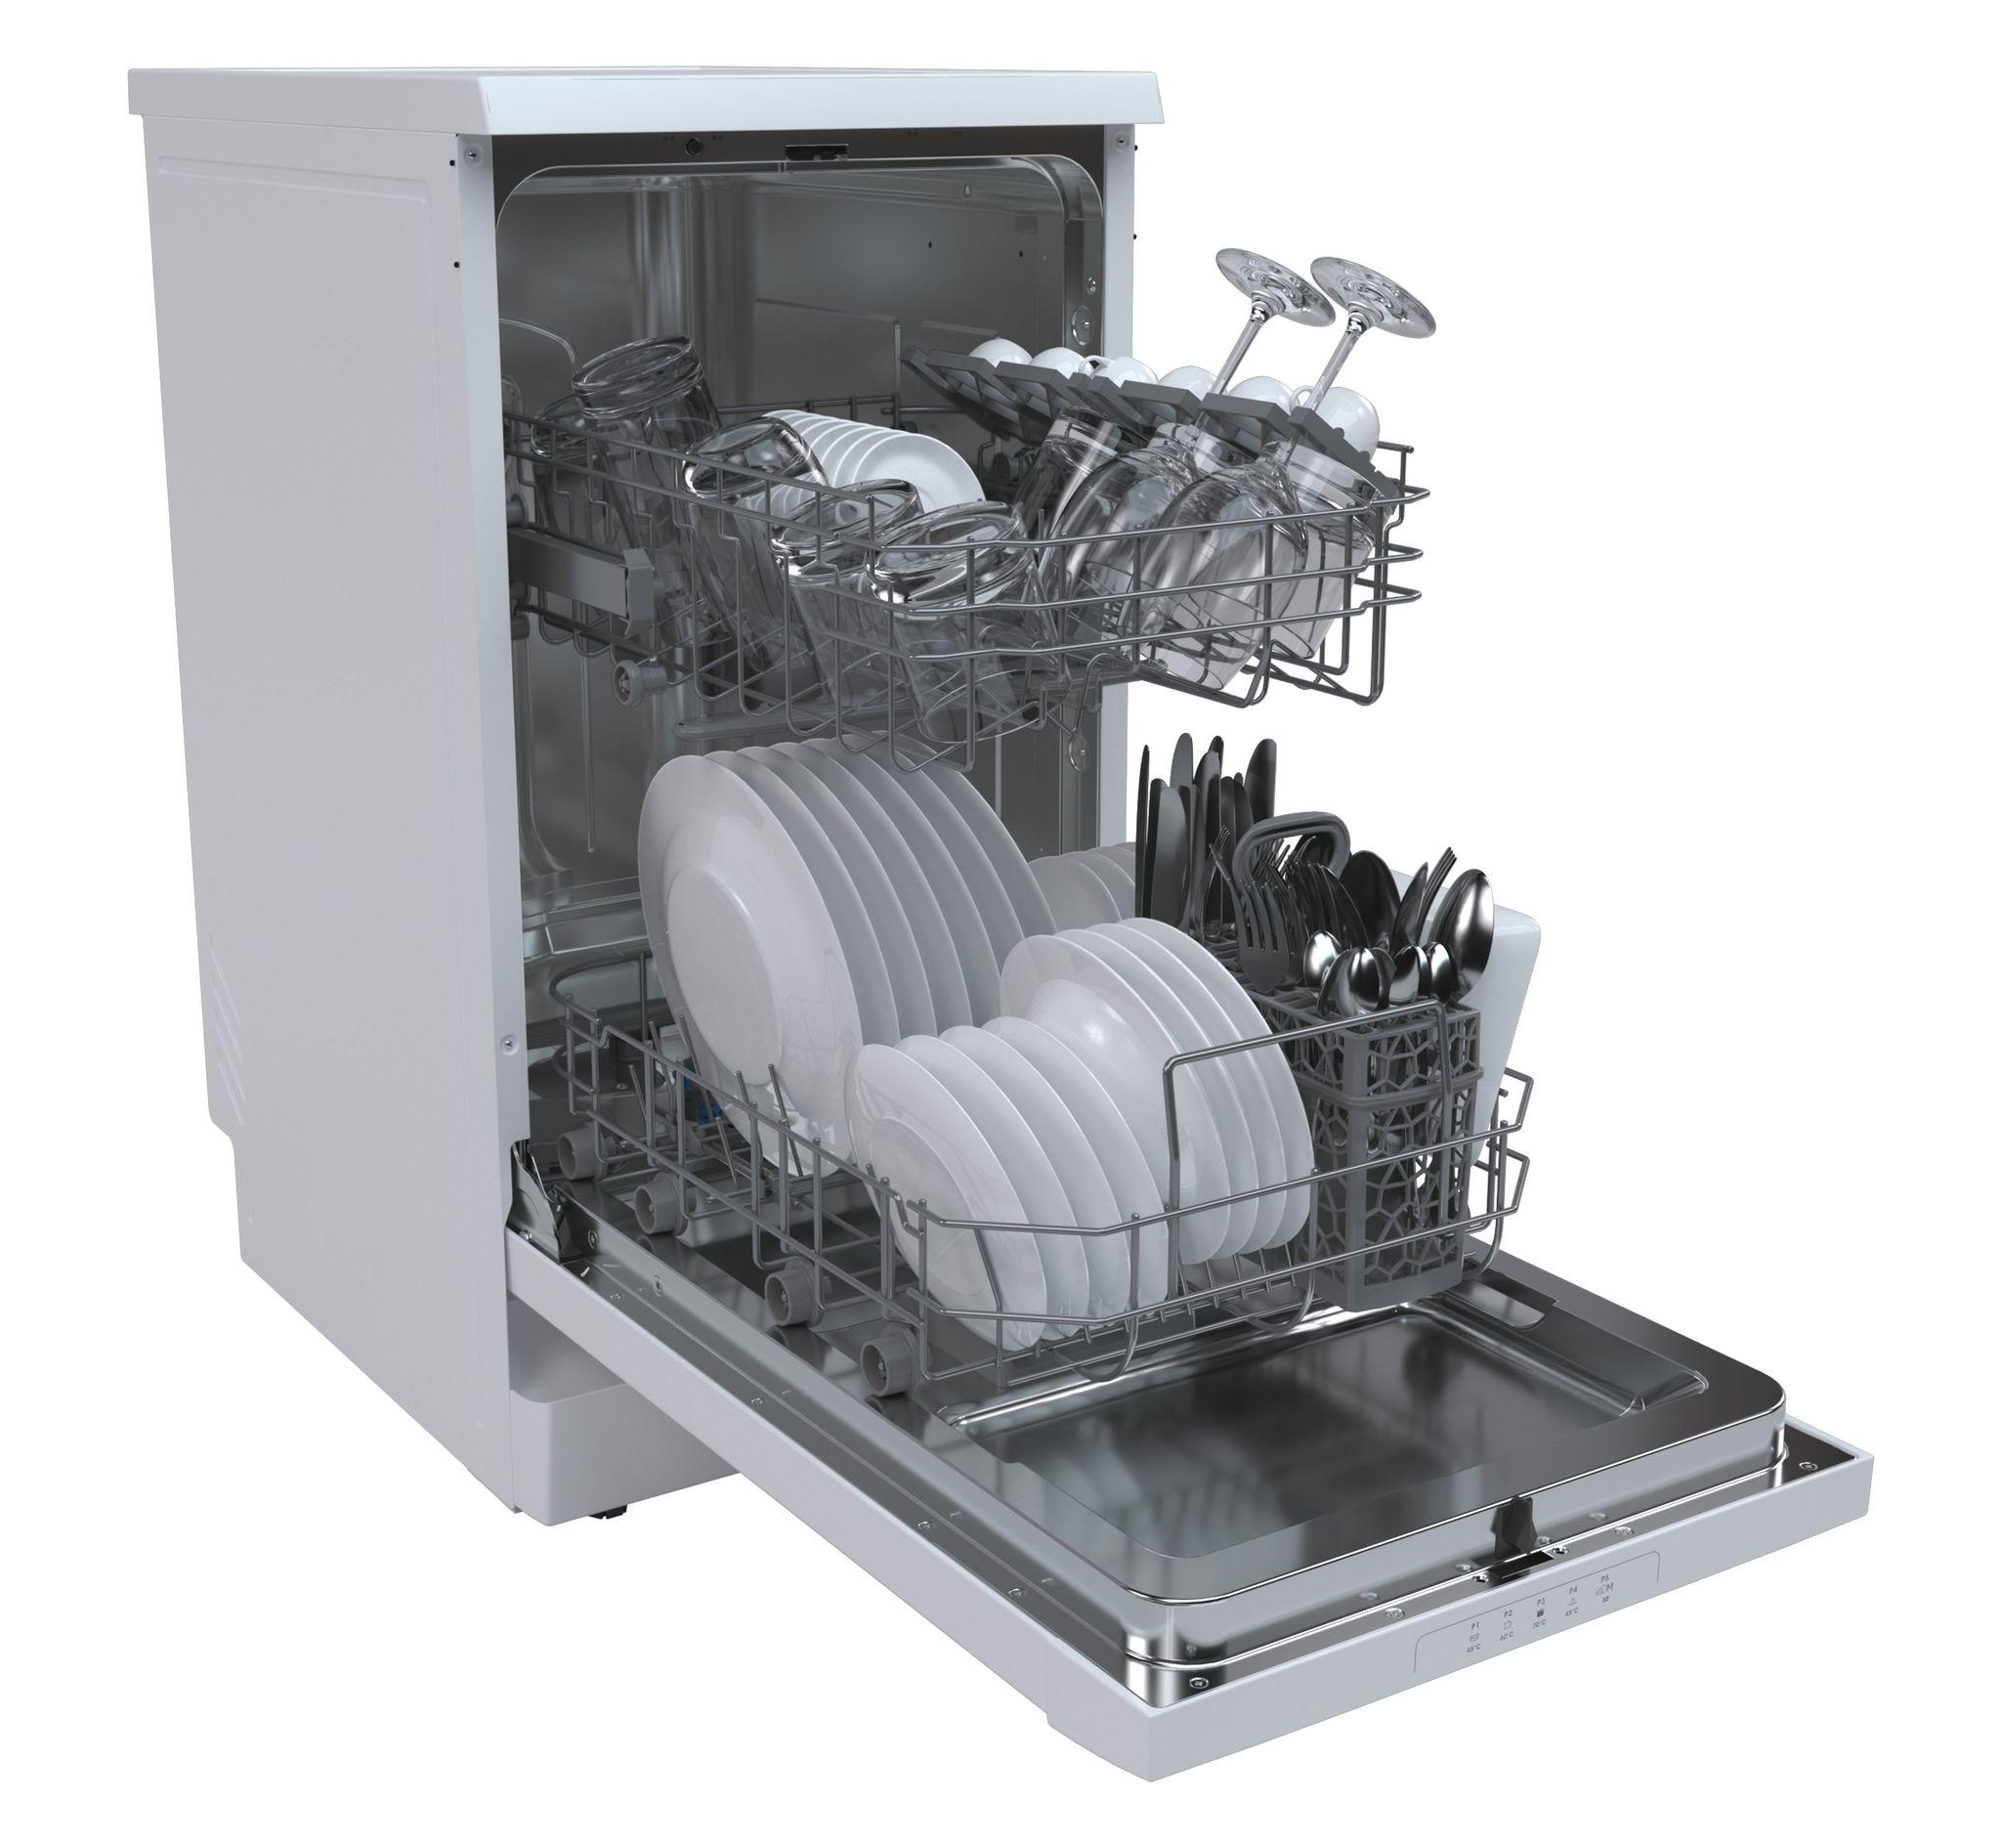 Посудомоечная машина Candy Brava CDPH 2L952W-08 фото 3